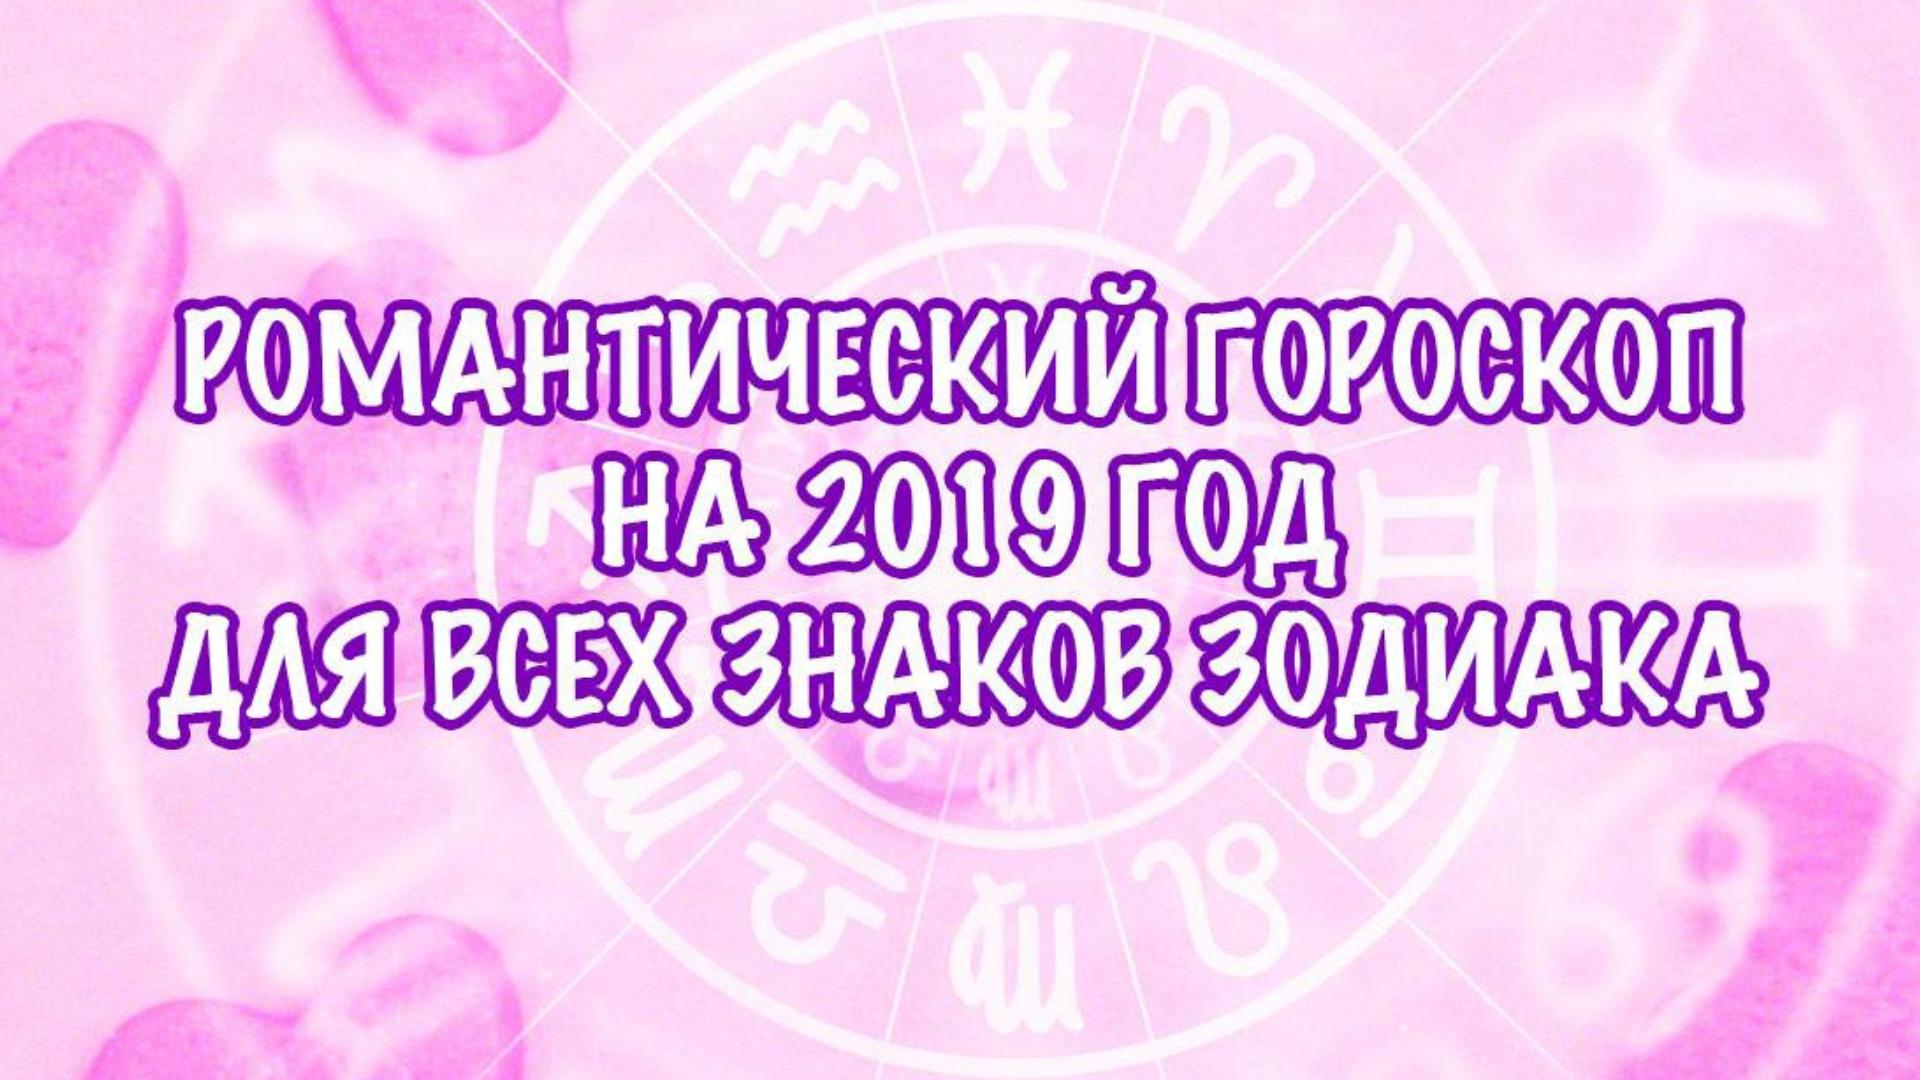 любовный гороскоп на 2019